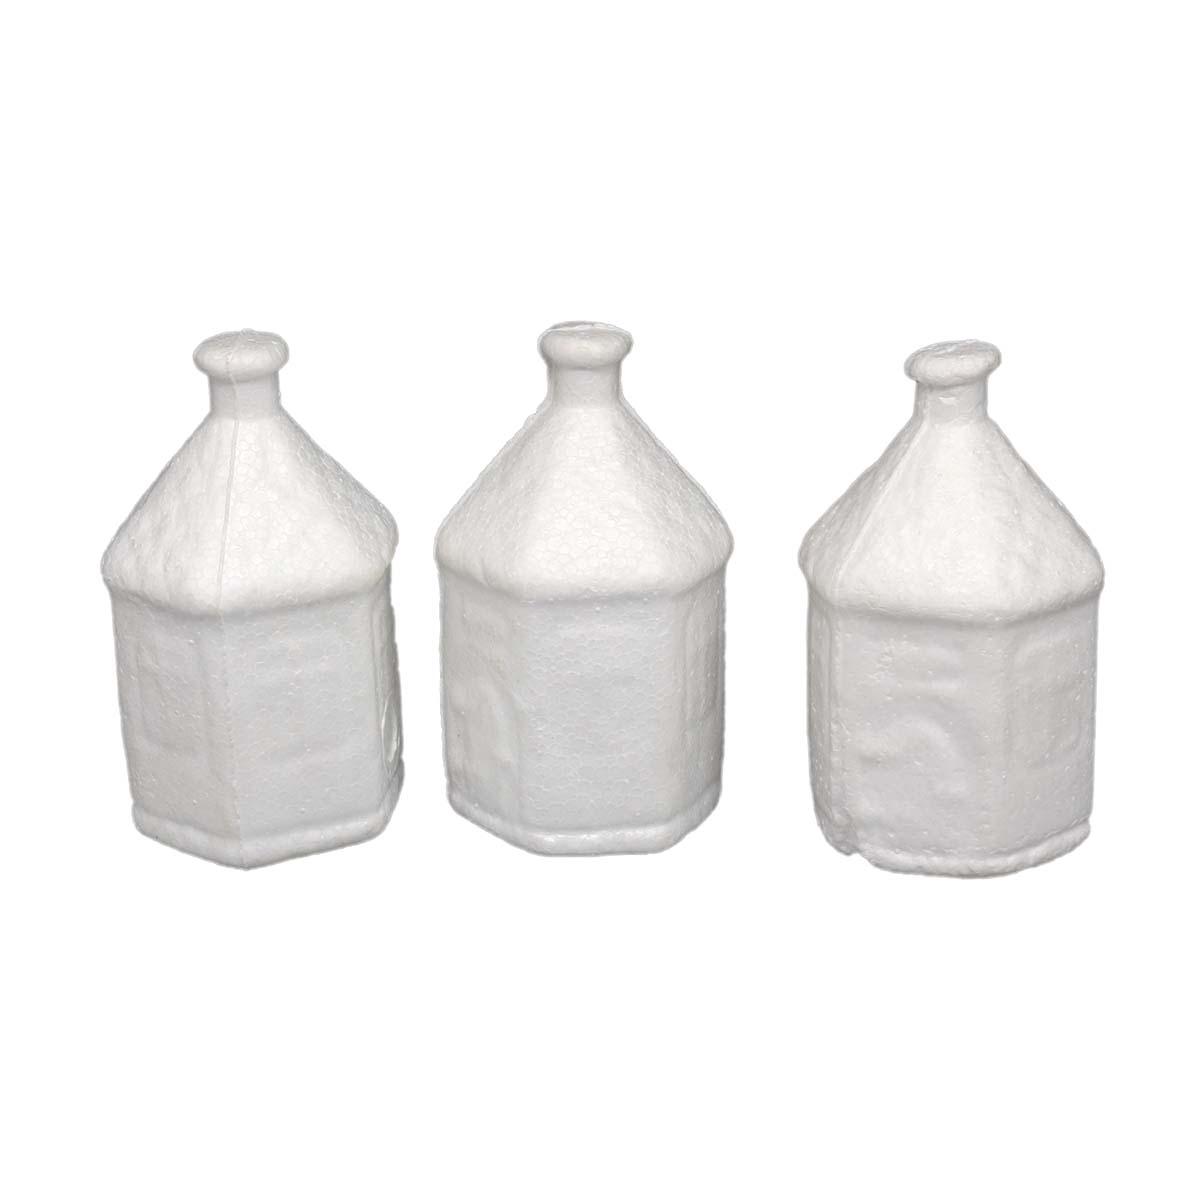 Заготовка для декорирования из пенопласта 'Баптистерий (подвеска)', h 7*4см, 3шт/упак, Астра